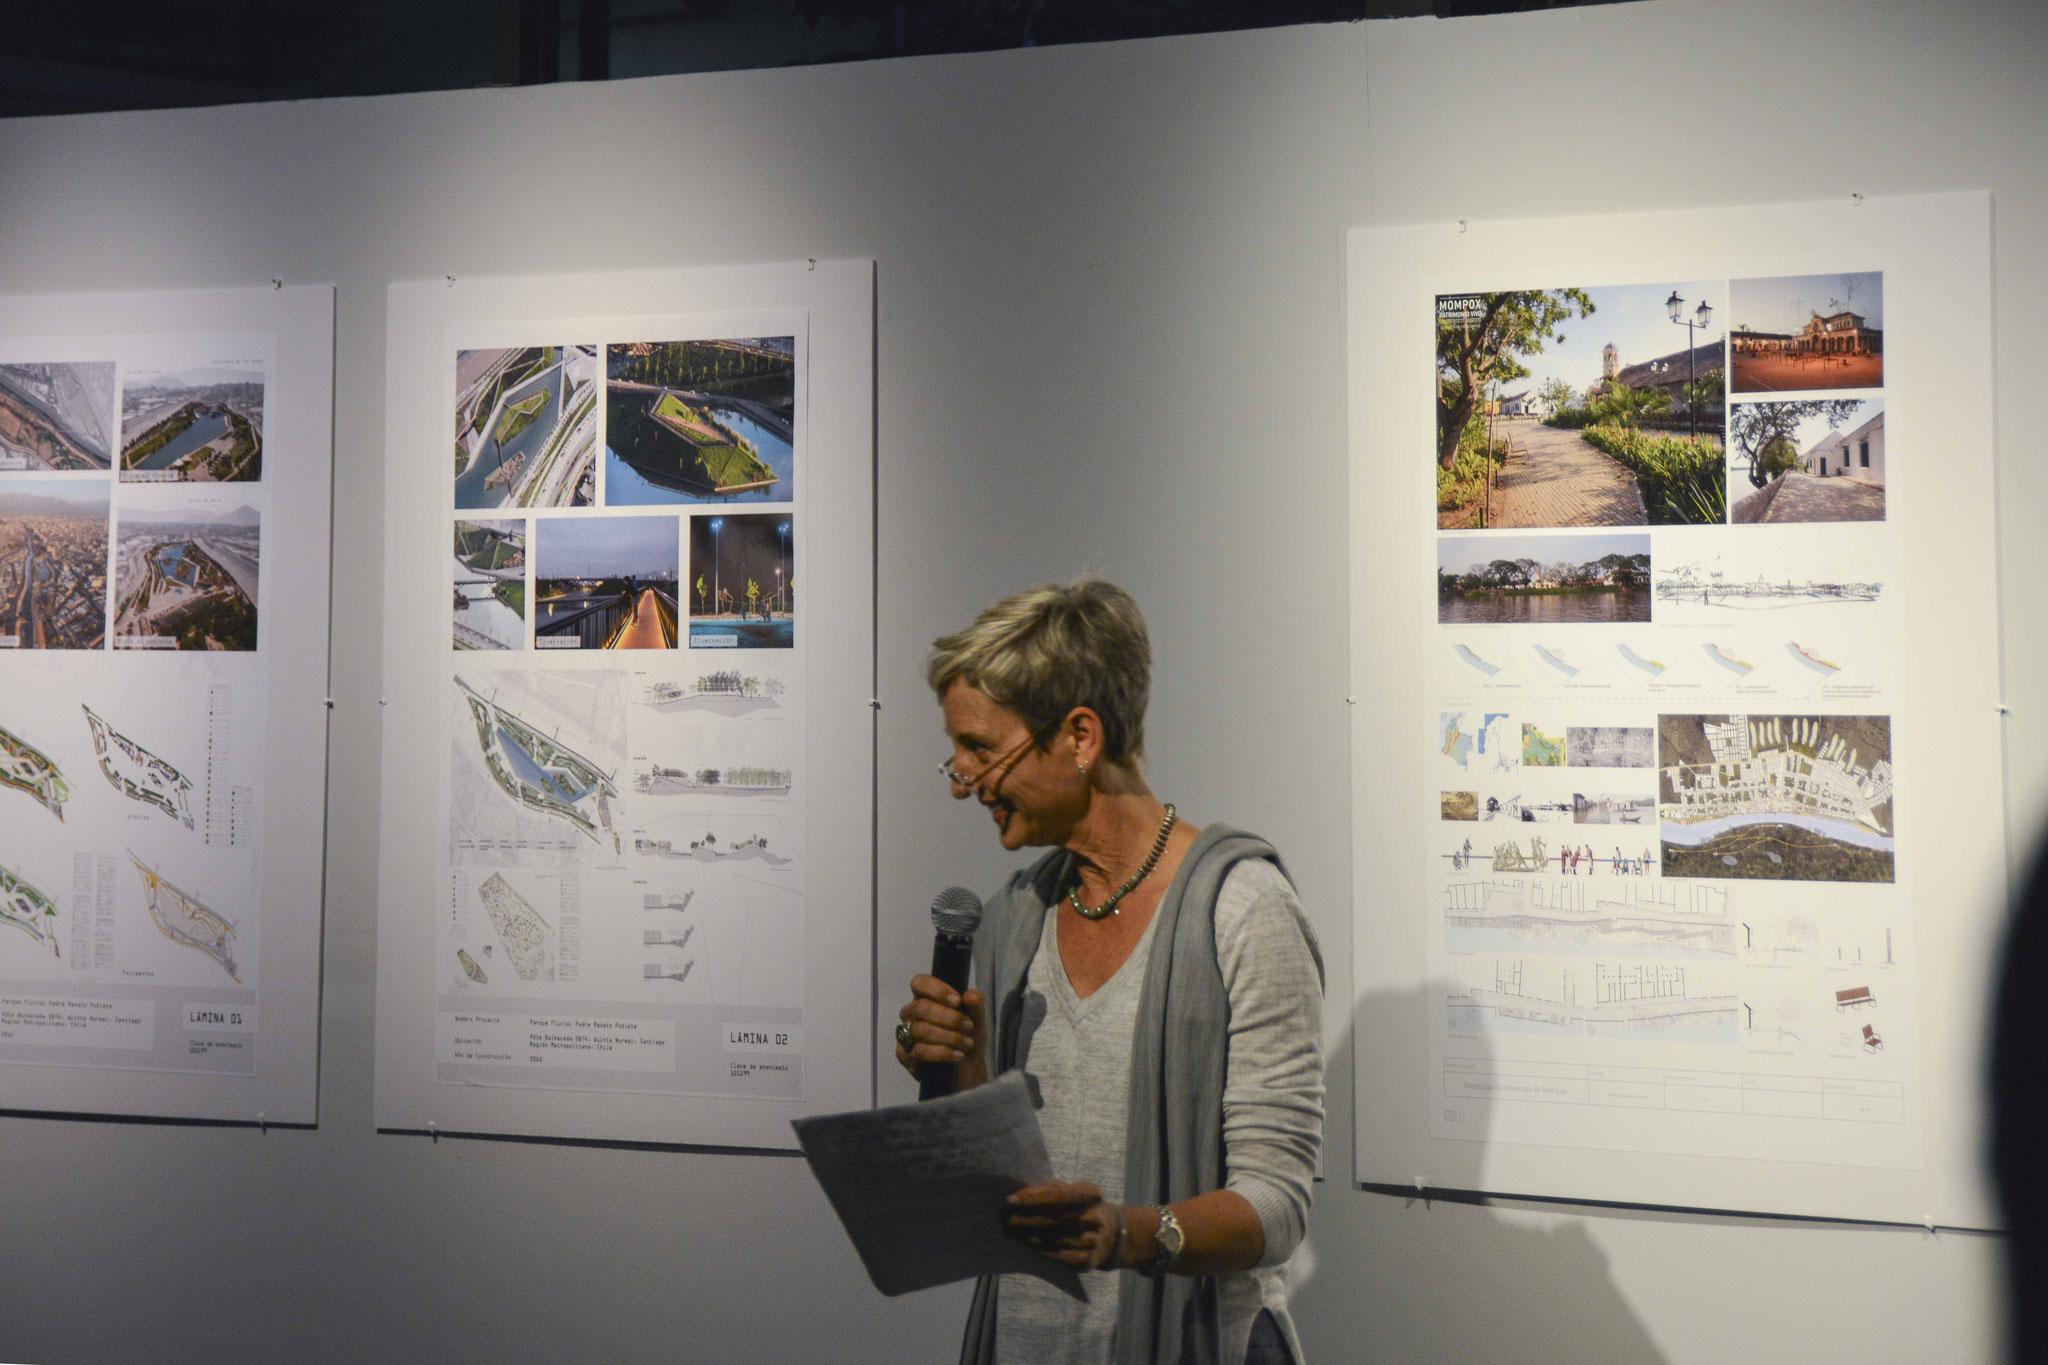 Inauguración de la exposición de la III BLAP / Arq. Psj. Kathrin Grimm